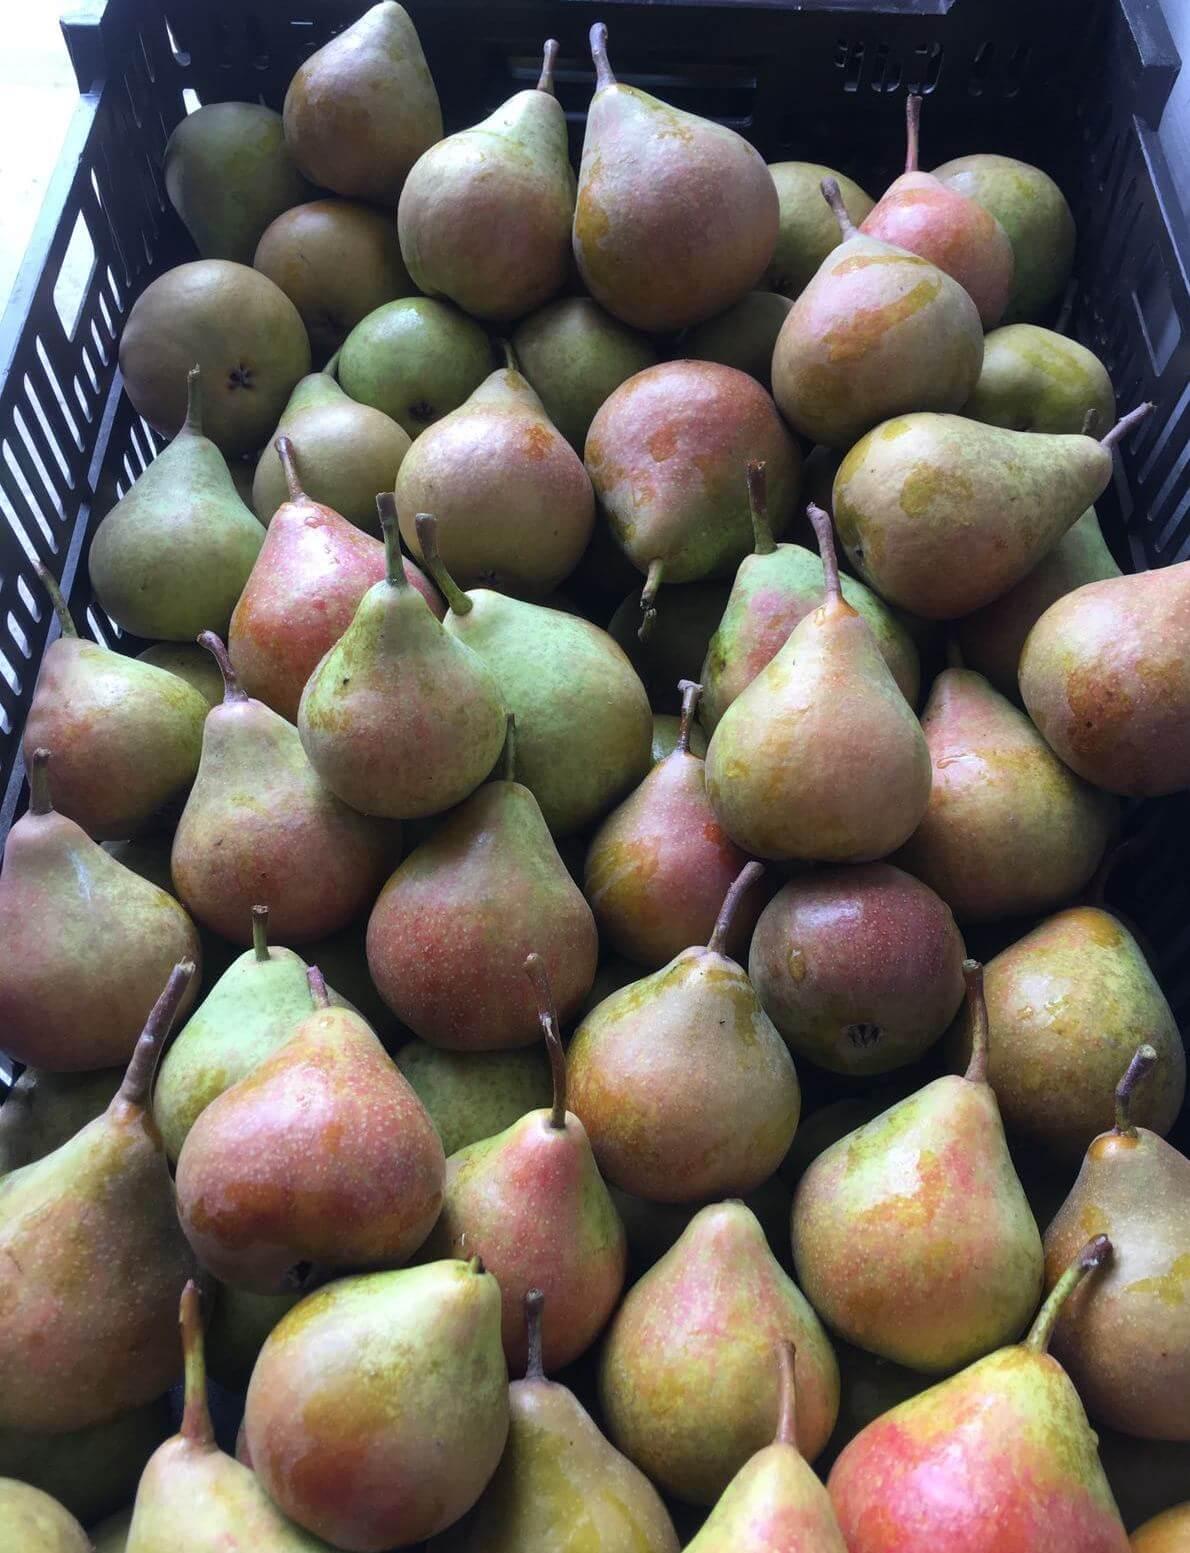 Fruitbedrijf-Van-den-Berge_Gieser Wildeman_ 2017